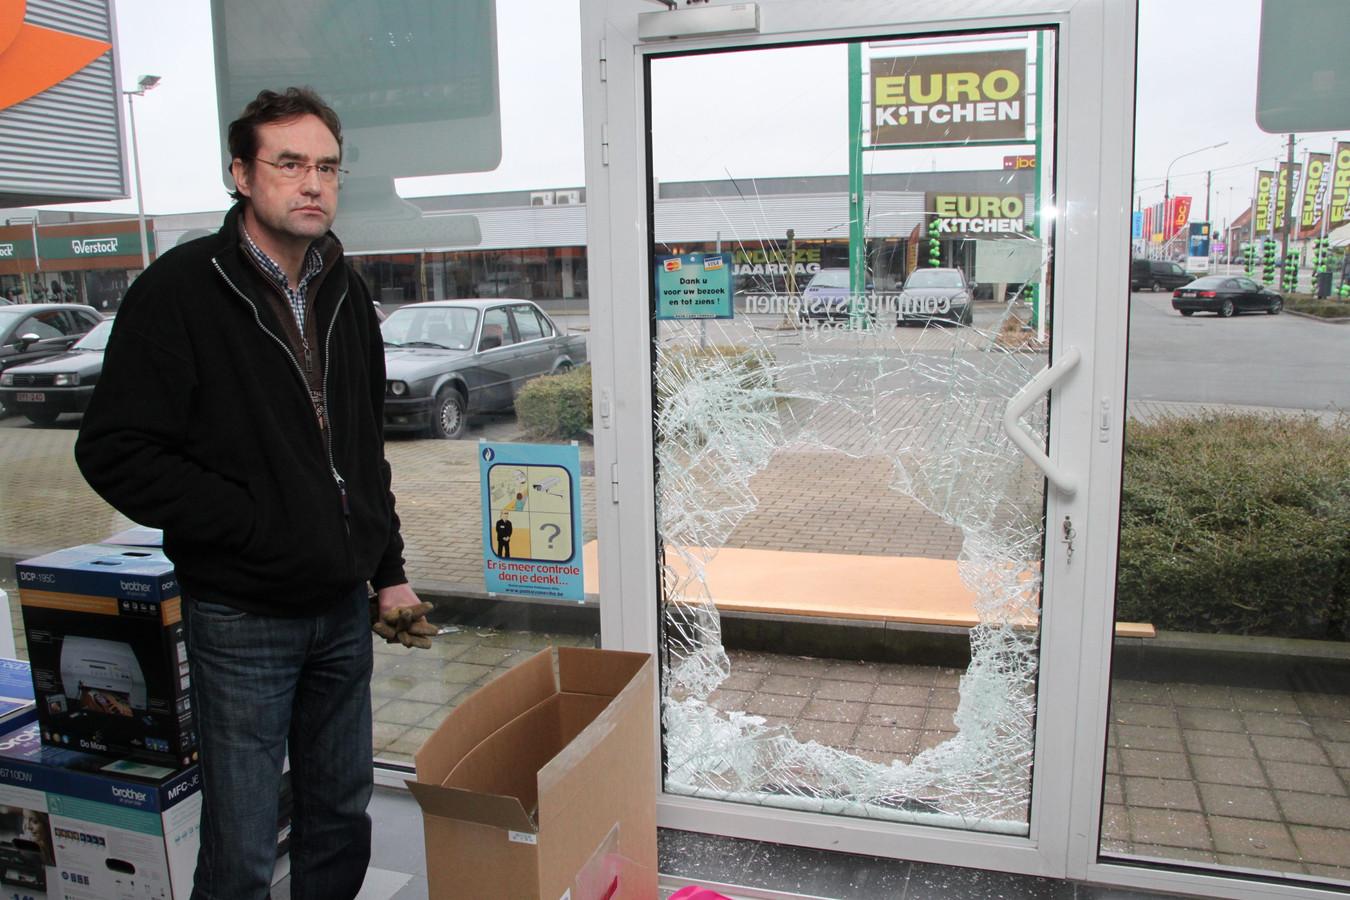 Carl Willaert werd ook in het verleden verschillende keren geconfronteerd met (zware) criminaliteit. In maart 2012 was zijn winkel het doelwit van hondsbrutale ramkrakers. Geen drie weken voordien was dat ook al het geval (foto).